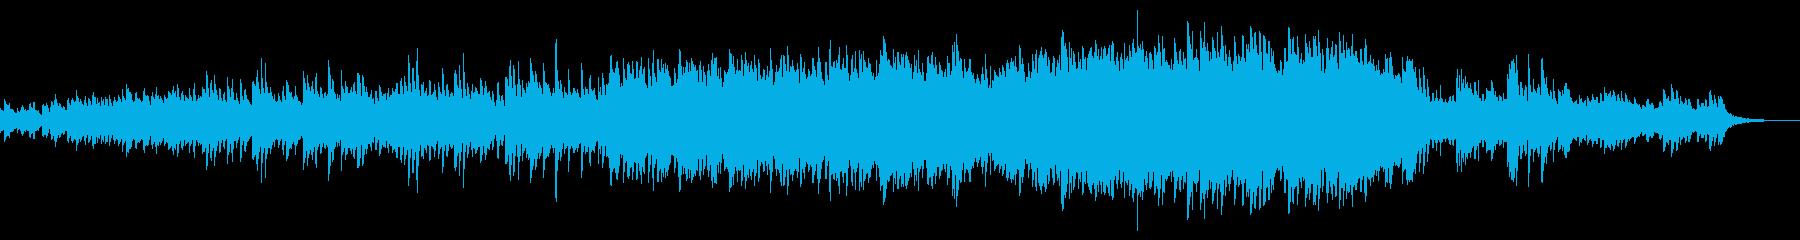 現代の交響曲 厳Sol ピアノ 文...の再生済みの波形